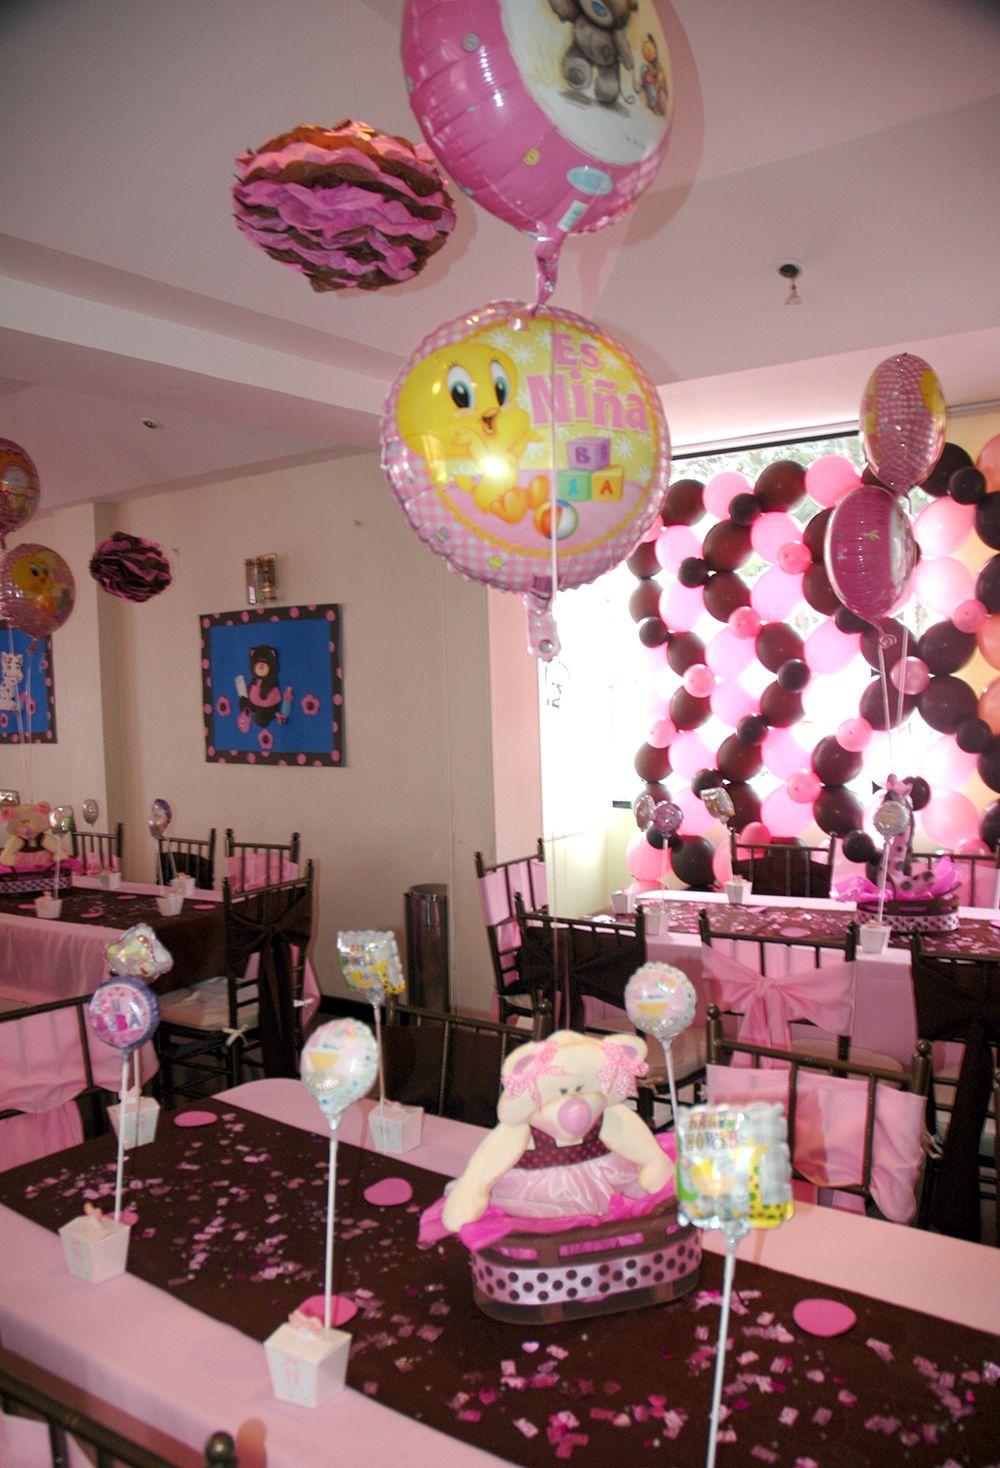 Beula decoraciones decoracion de eventos tematicos e infantiles baby shower ni a baby shower - Decoracion infantil nina ...